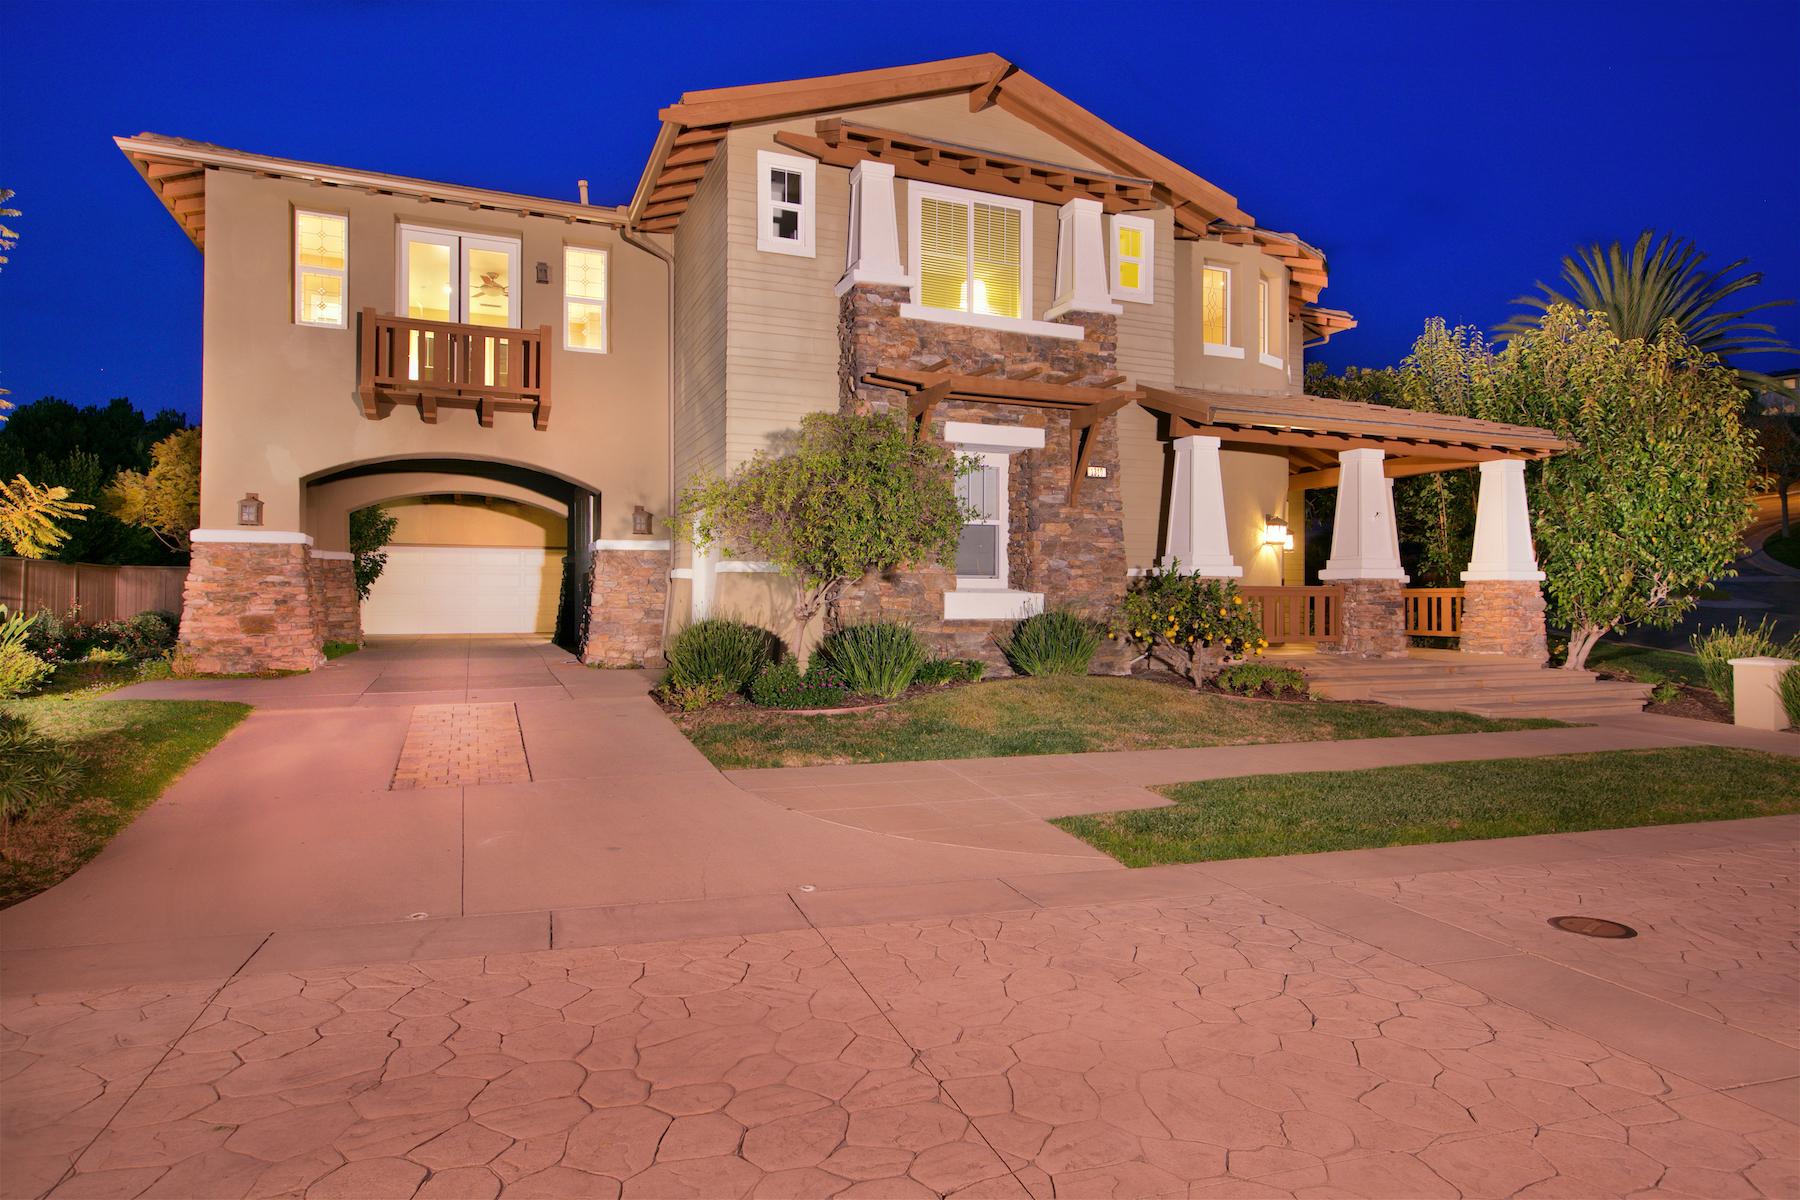 Casa Unifamiliar por un Venta en 1310 Raven Court Encinitas, California, 92024 Estados Unidos